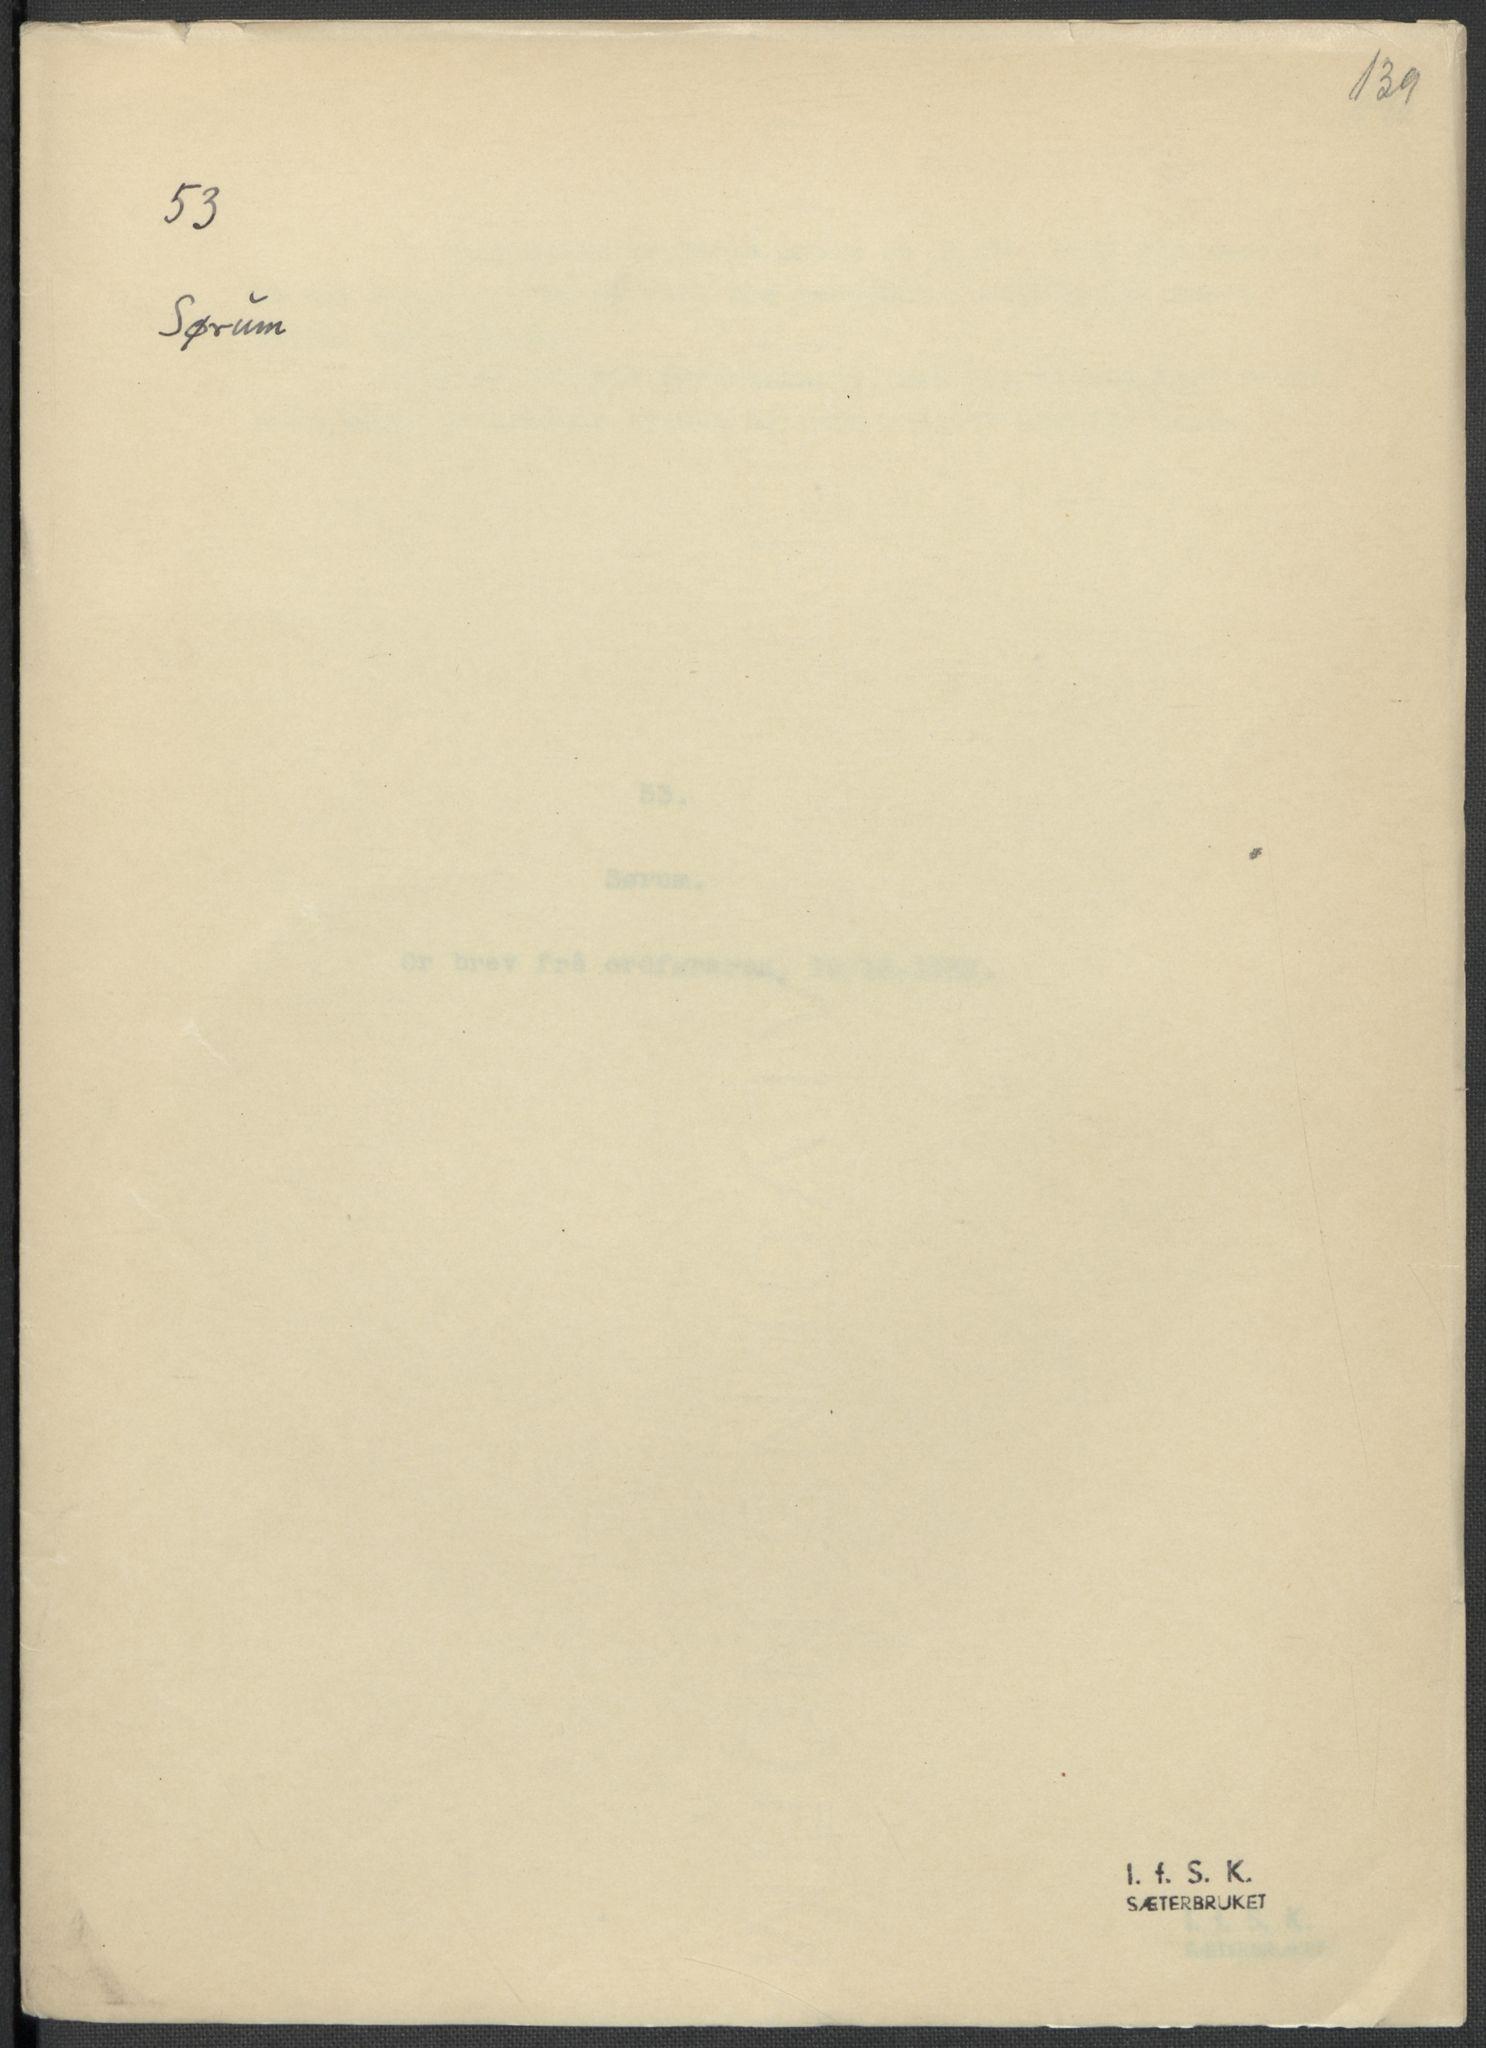 RA, Instituttet for sammenlignende kulturforskning, F/Fc/L0002: Eske B2:, 1932-1936, s. 139